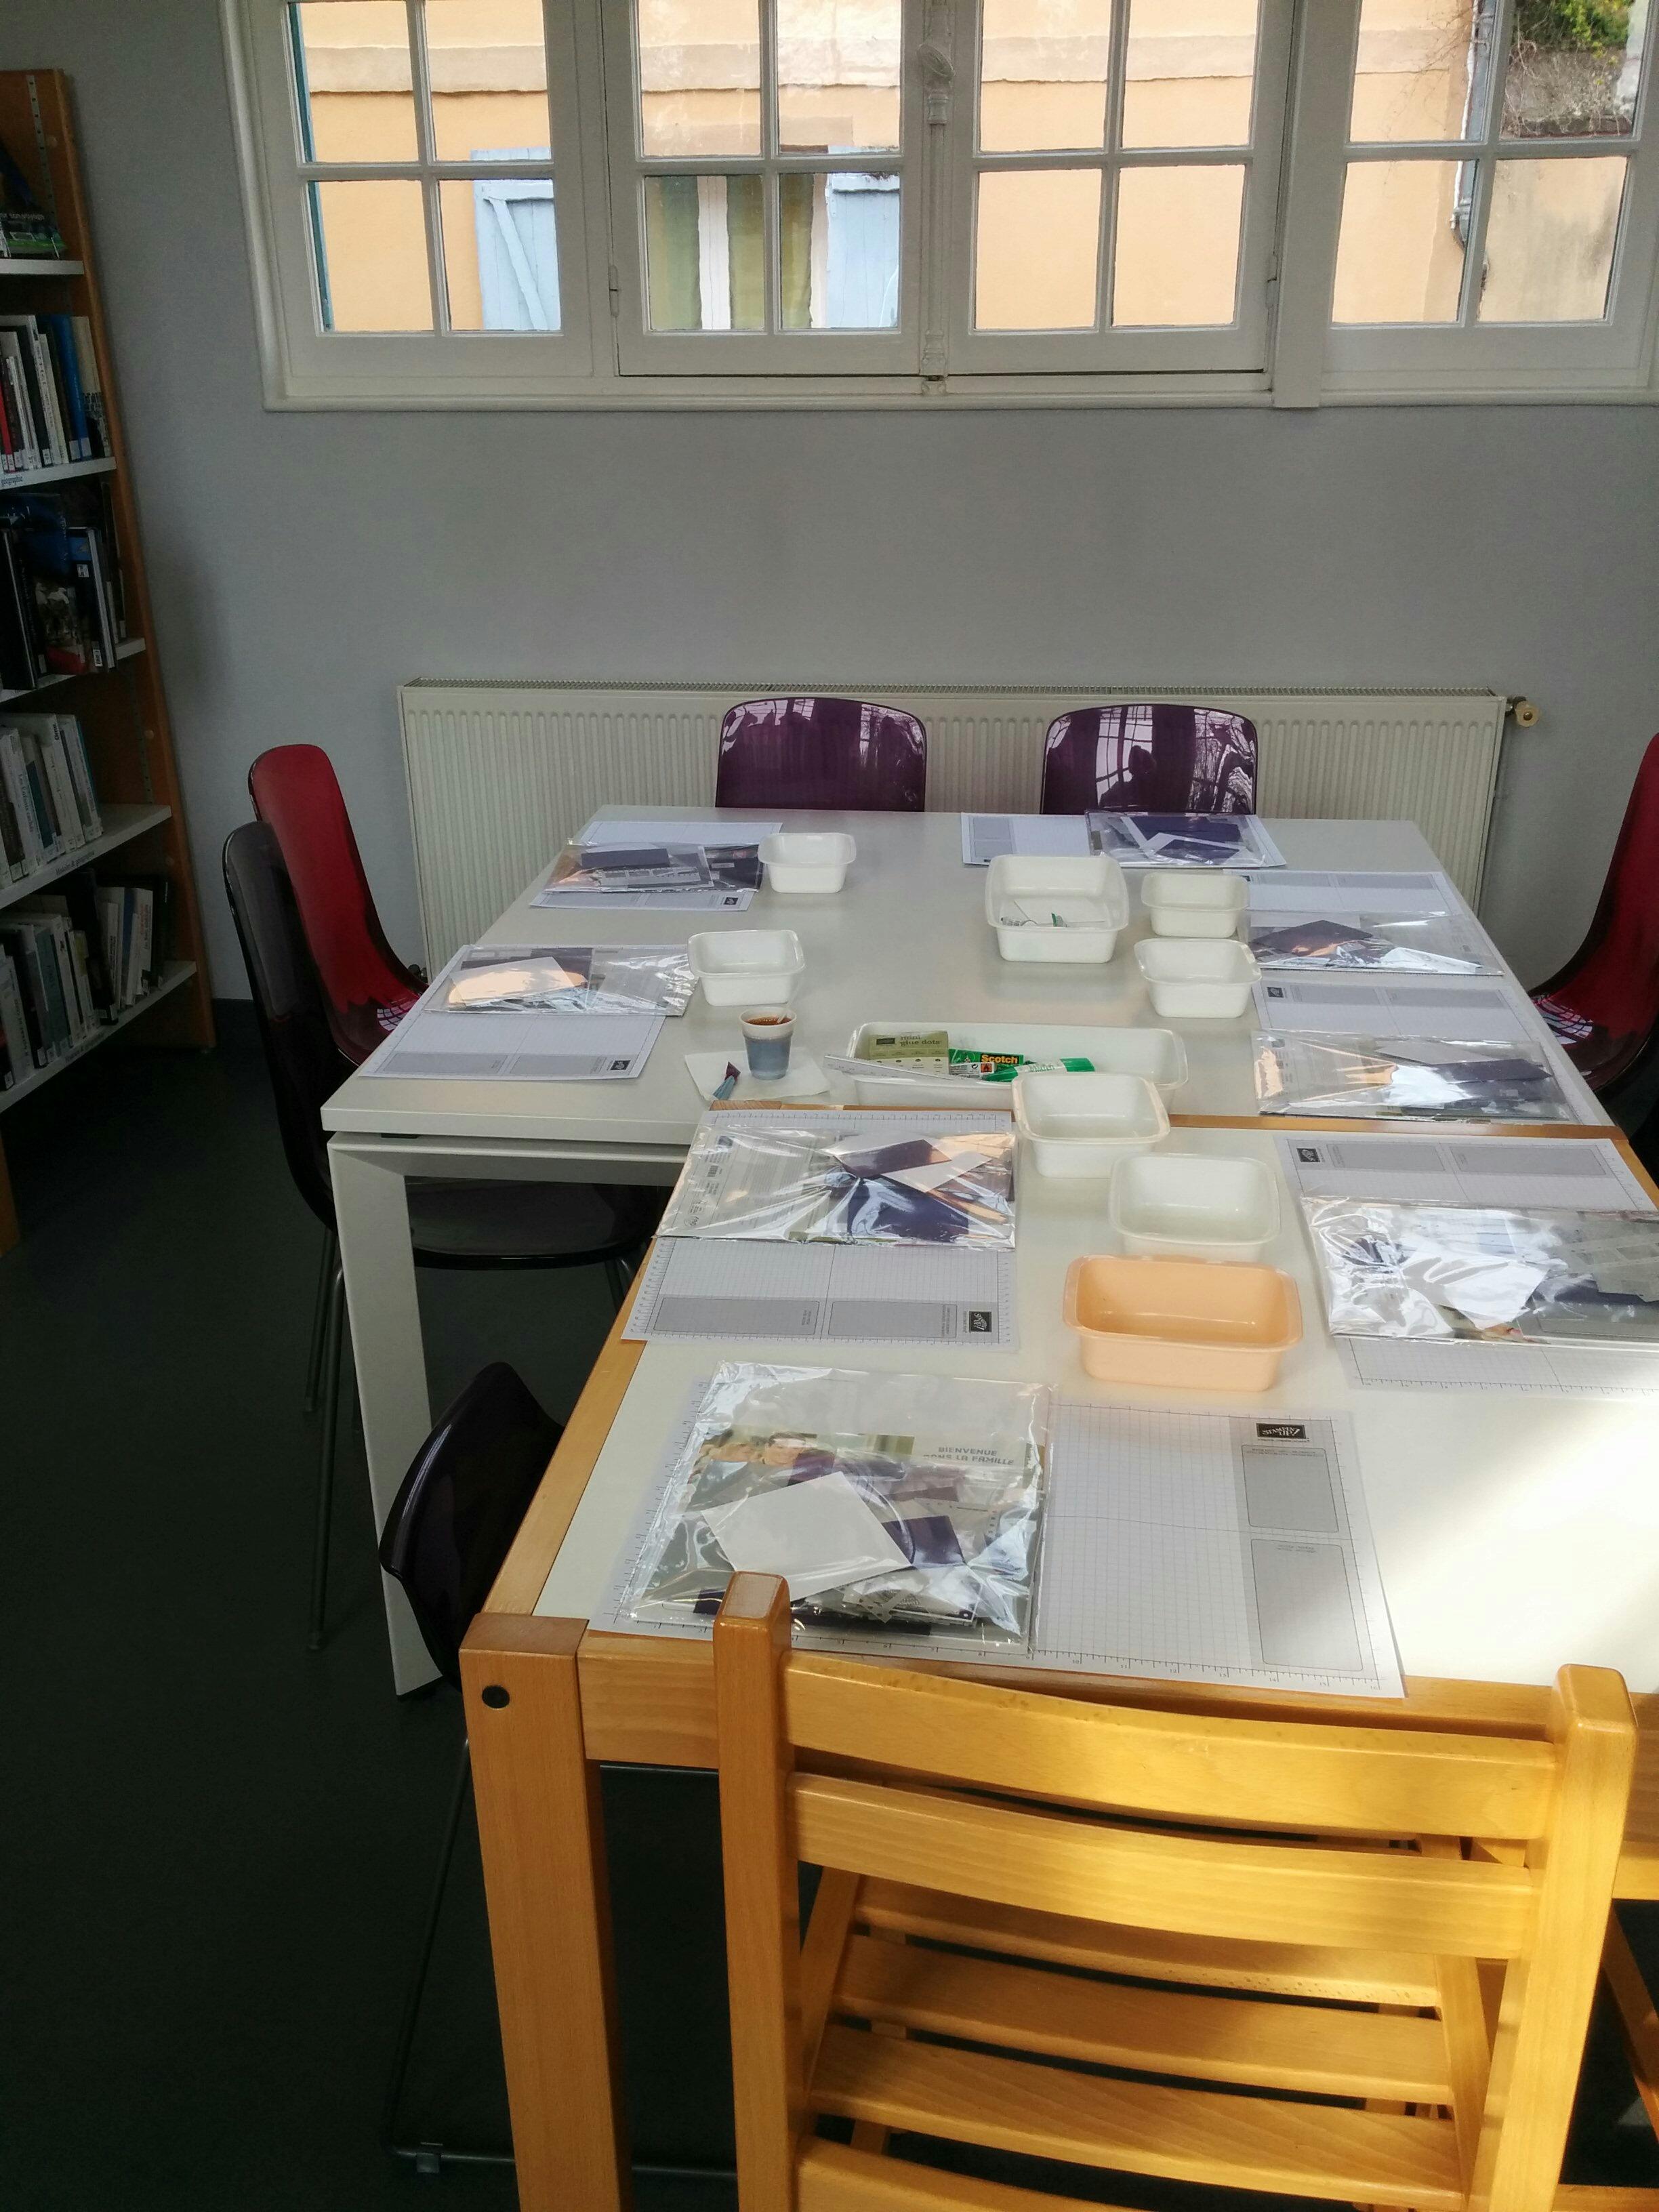 atelier biblilothèque d'anet scrapbooking